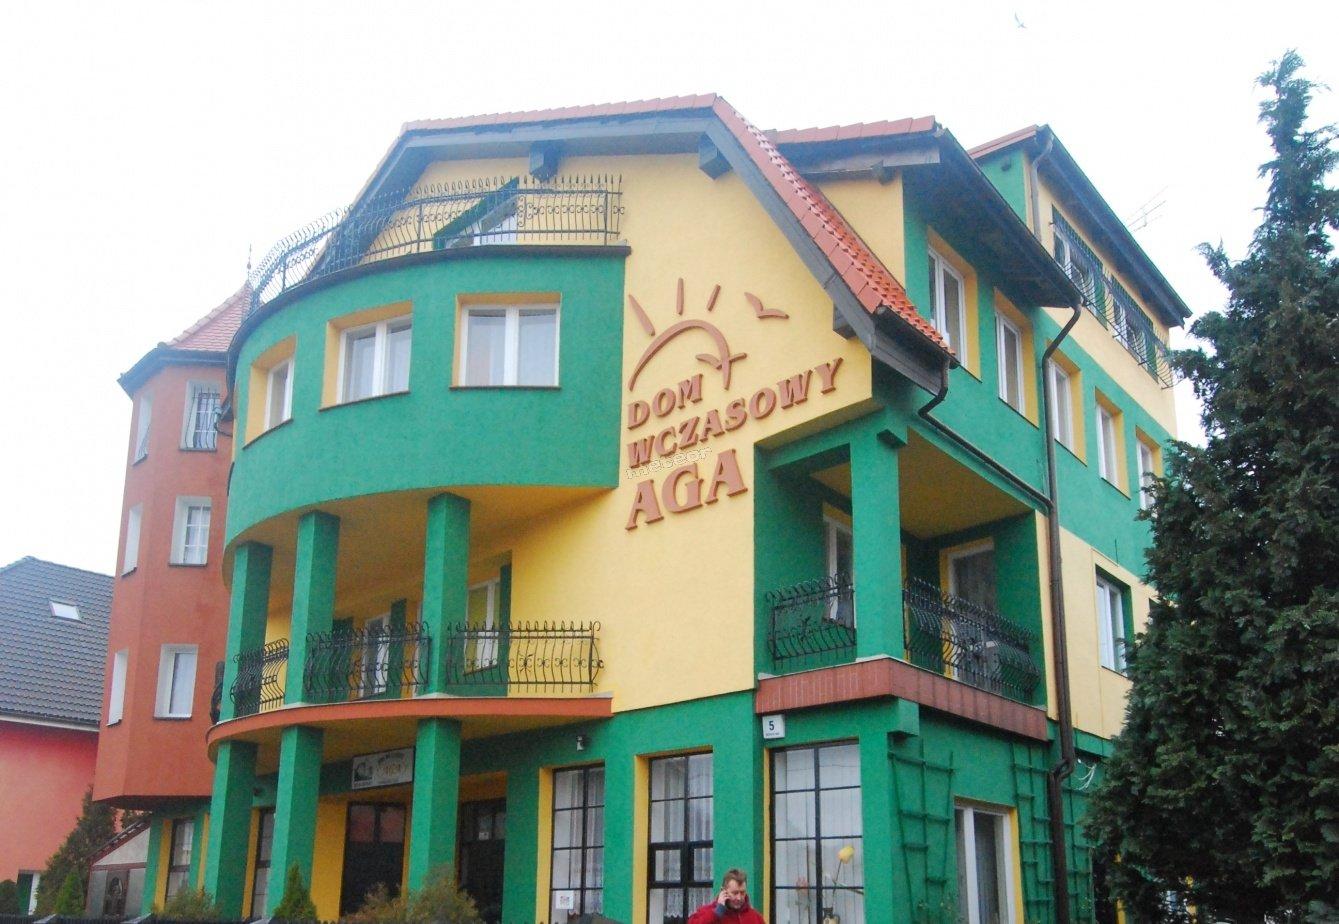 Aga - Dom Wczasowy